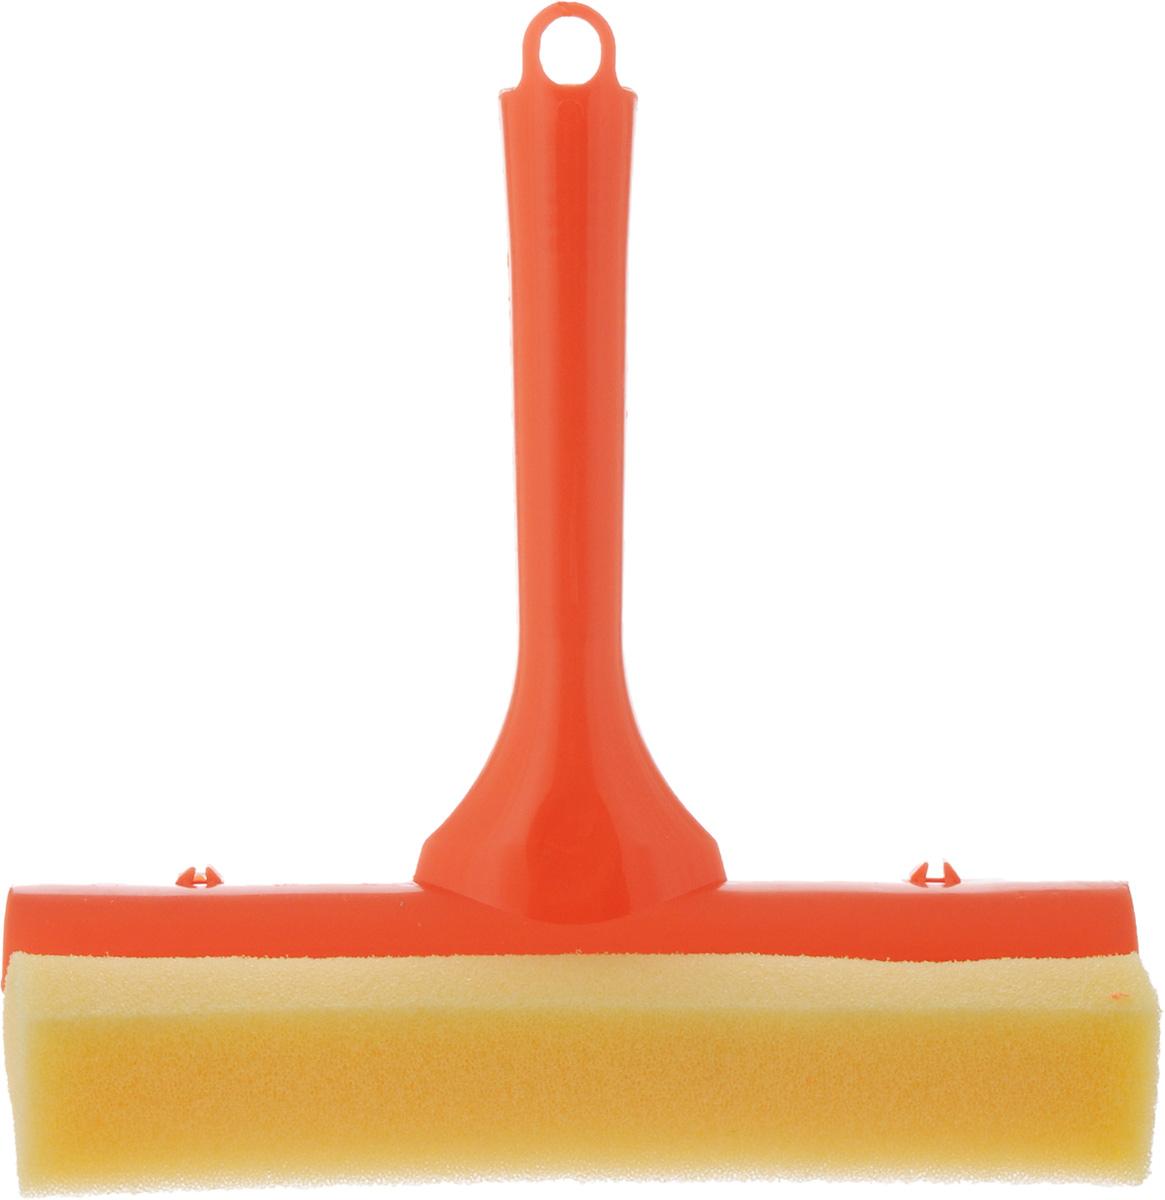 Стеклоочиститель York, с водосгоном, цвет: оранжевый, 19,5 смVT-1840-BKСтеклоочиститель York, выполненный изсложных полимеров, поролона и резины, станетнезаменимым помощником при уборке. Онстирает жидкость со стекла благодаря мягкойгубке, а для полного вытирания имеетсярезиновый водосгон. С помощью регулируемоголезвия стеклоочистителя можно подобратьнеобходимую длину. Длина ручки: 16 см.Ширина рабочей поверхности: 19,5 см.